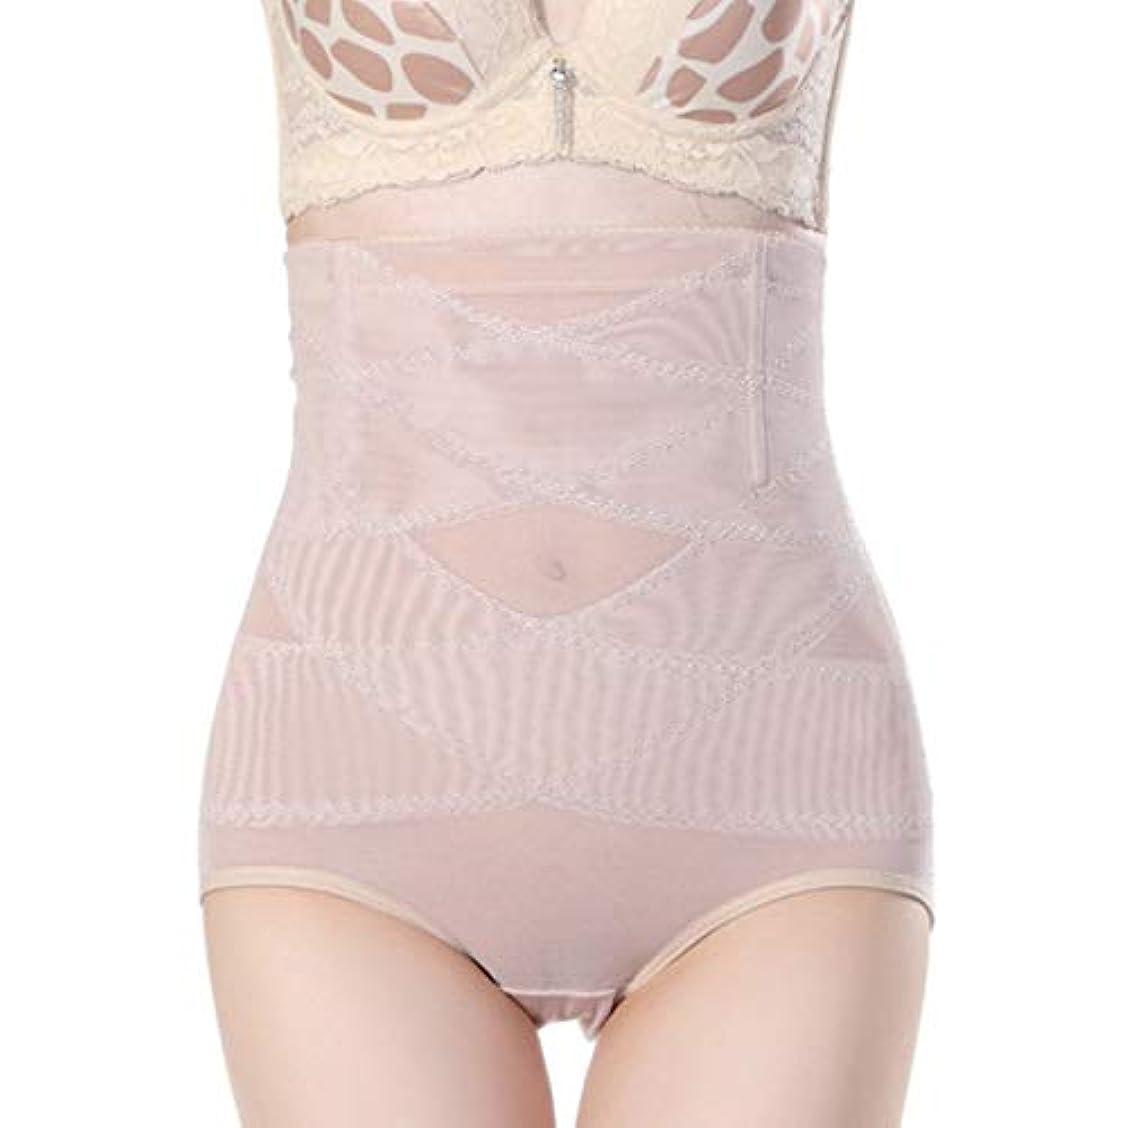 どういたしまして聖域デッキ腹部制御下着シームレスおなかコントロールパンティーバットリフターボディシェイパーを痩身通気性のハイウエストの女性 - 肌色2 XL